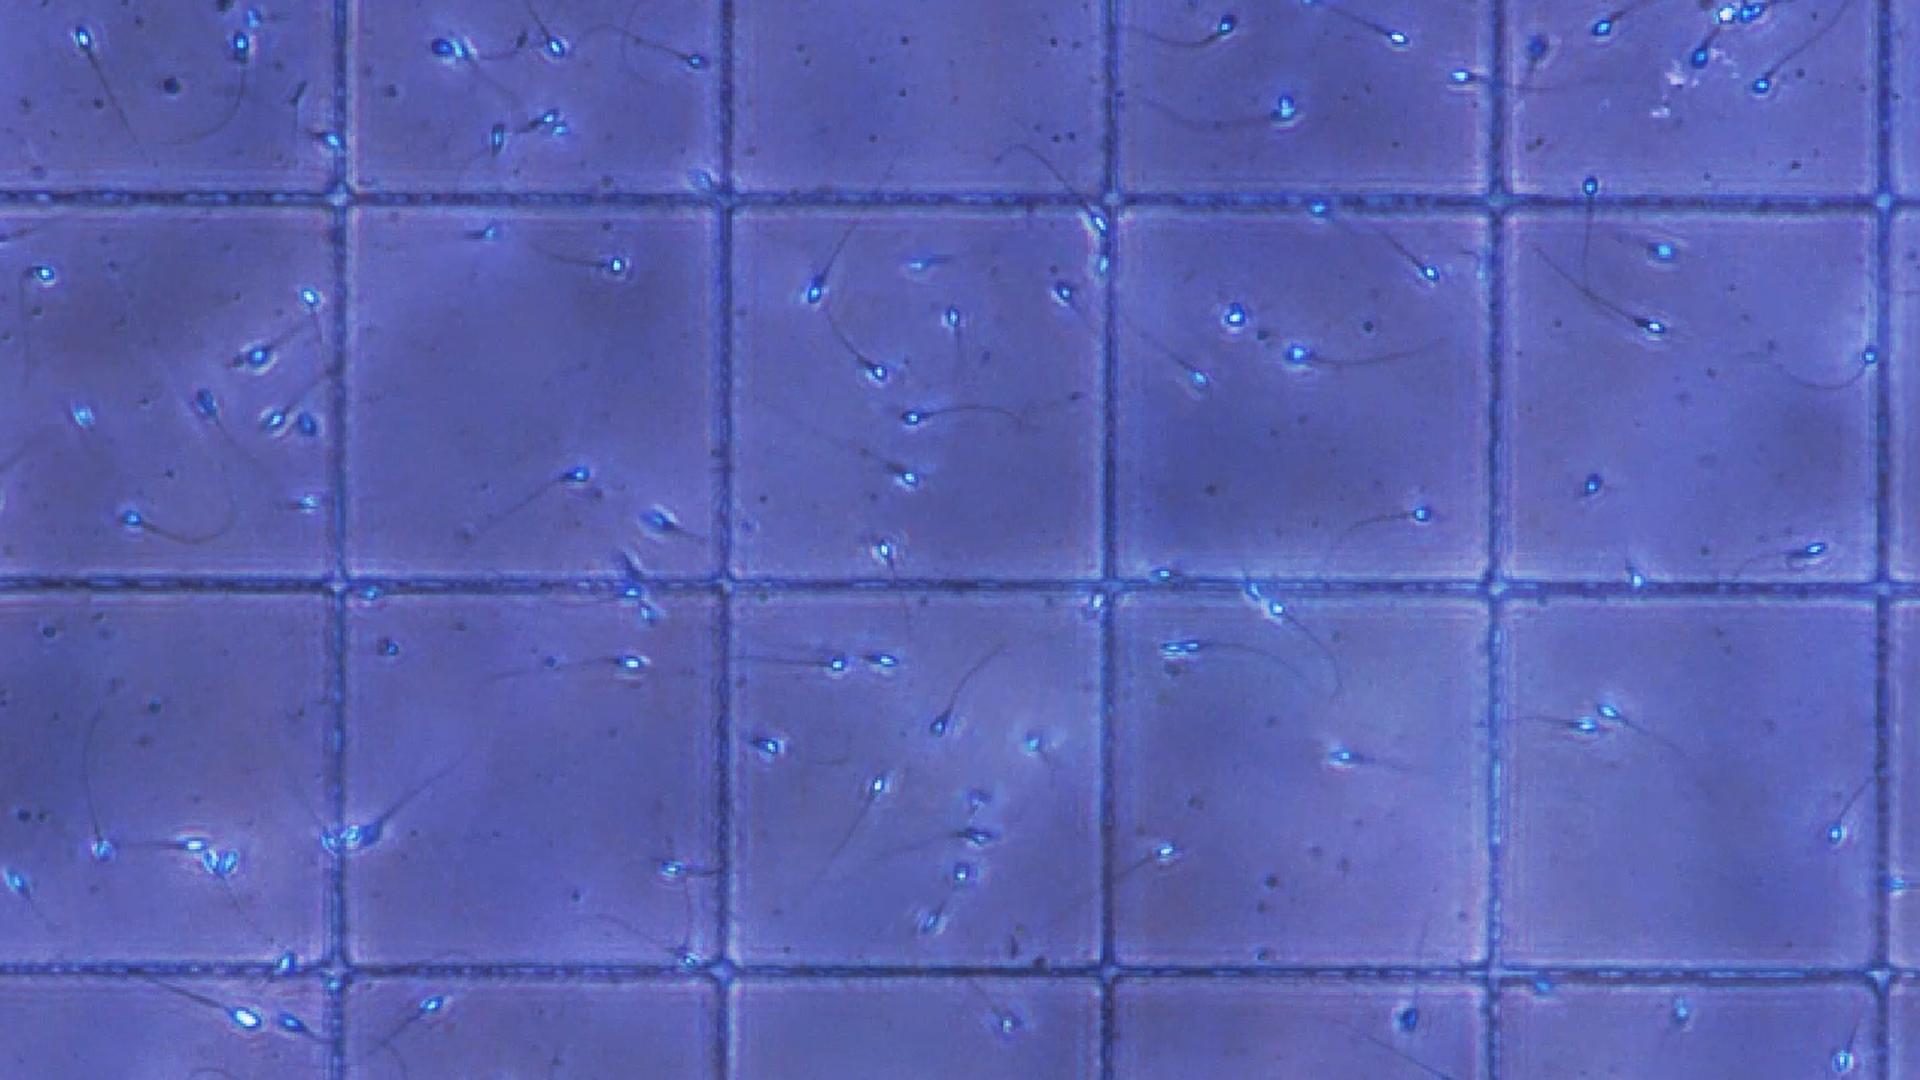 Ein Gitternetz unter dem Elektronenmikroskop hilft die bei der Bestimmung der Spermienzahl.